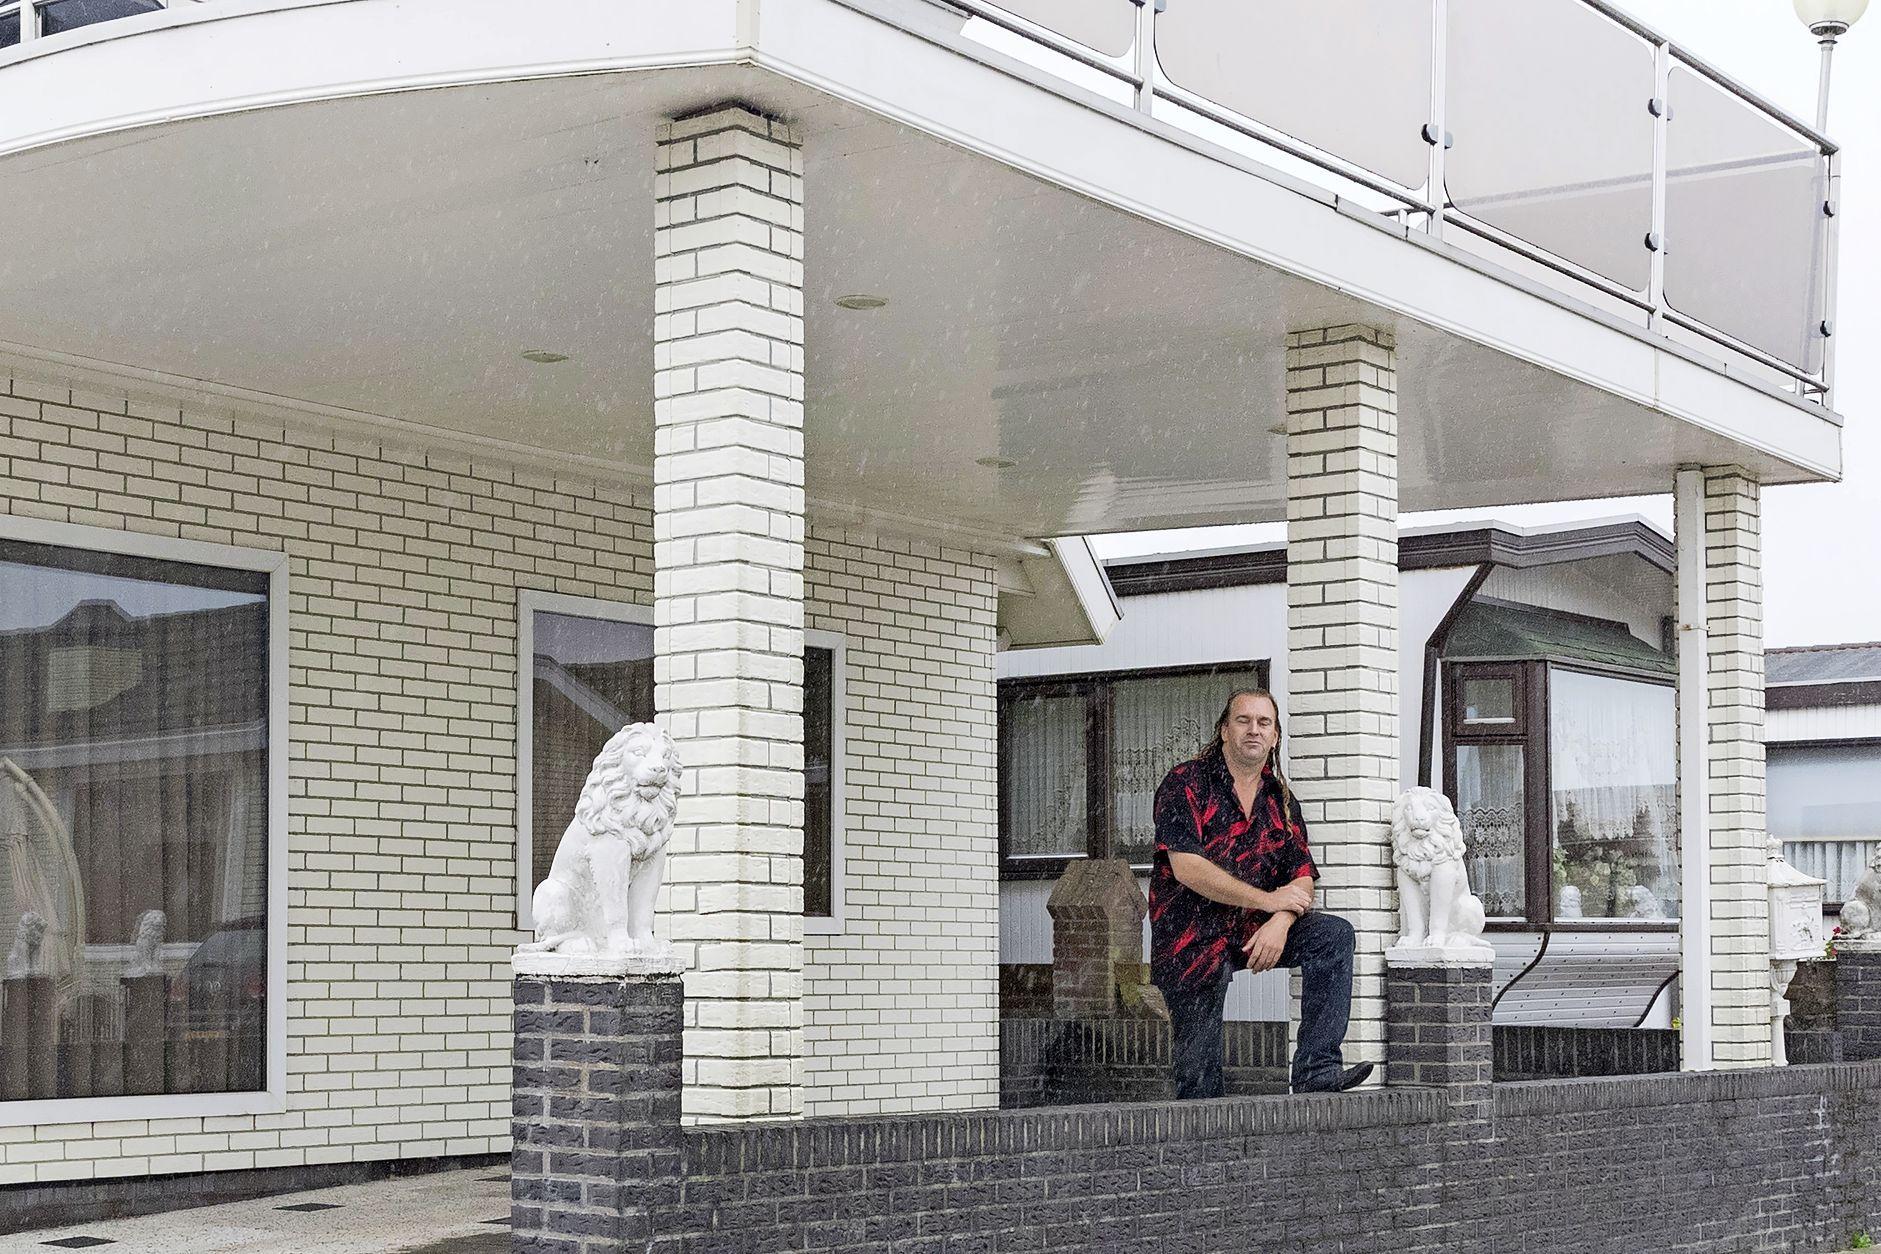 Bewoners 'dolblij' met tien nieuwe plekken op woonwagenkamp Hoorn. Woonhuis óf woonwagen, dat mogen de bewoners zelf bepalen